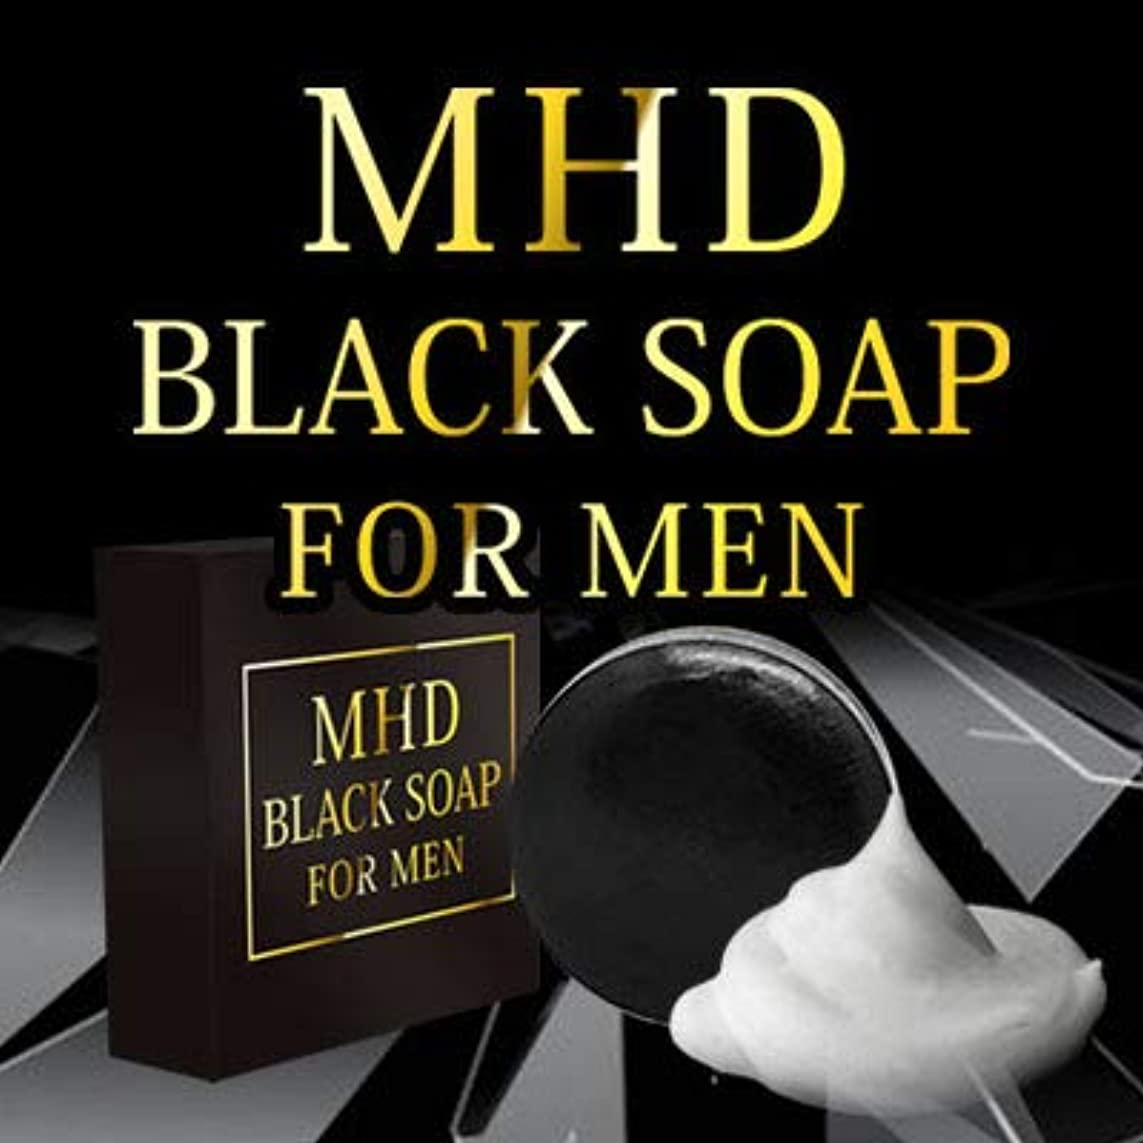 満足させる天文学持つMHD石鹸(BLACK SOAP FOR MEN) メンズ用全身ソープ